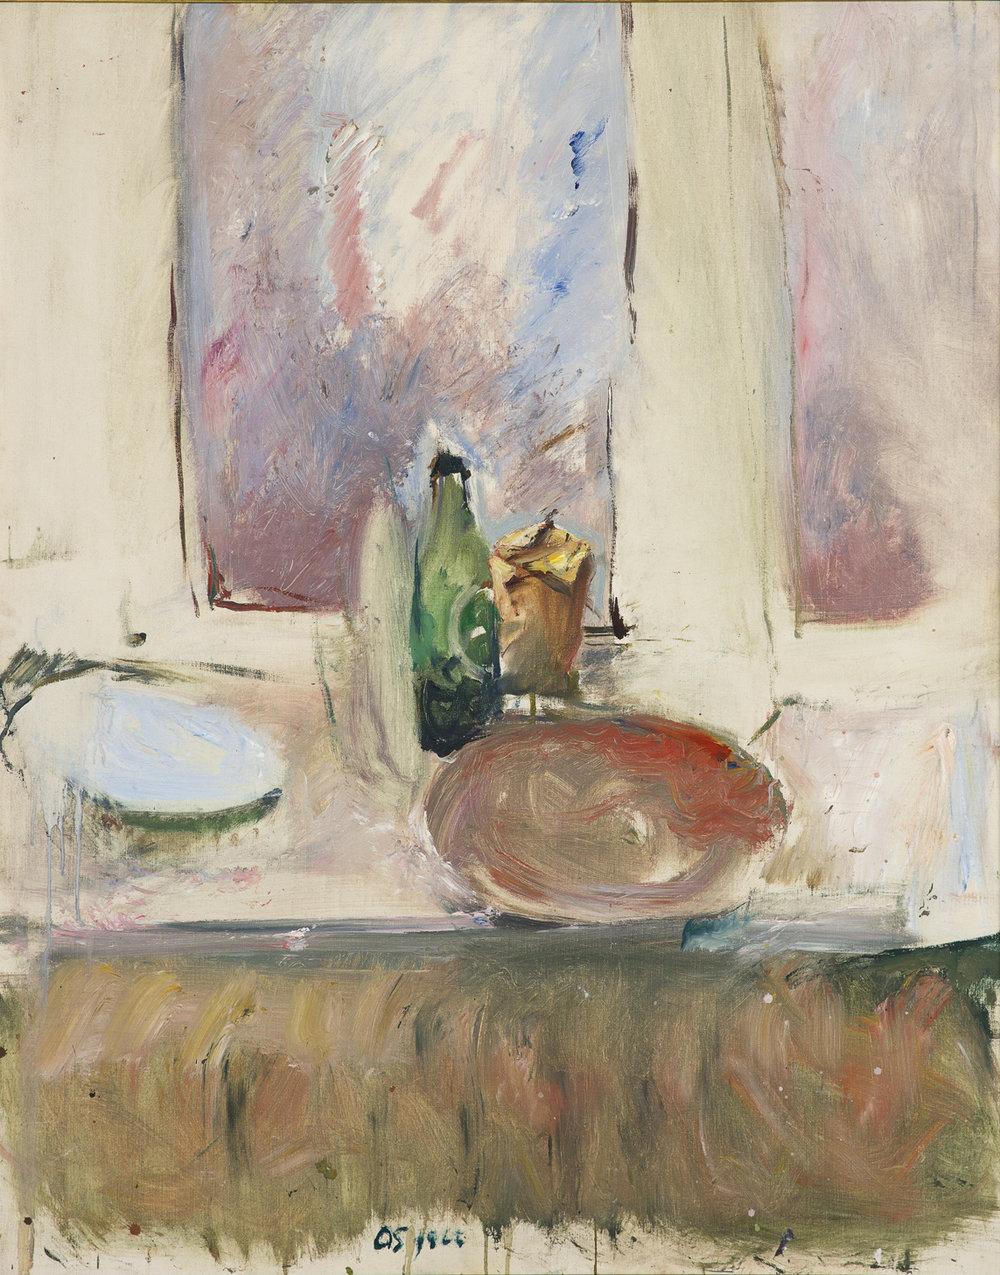 Olle Skagerfors   Fönster i ateljén  1966 Oil on canvas 112 x 88,5 cm